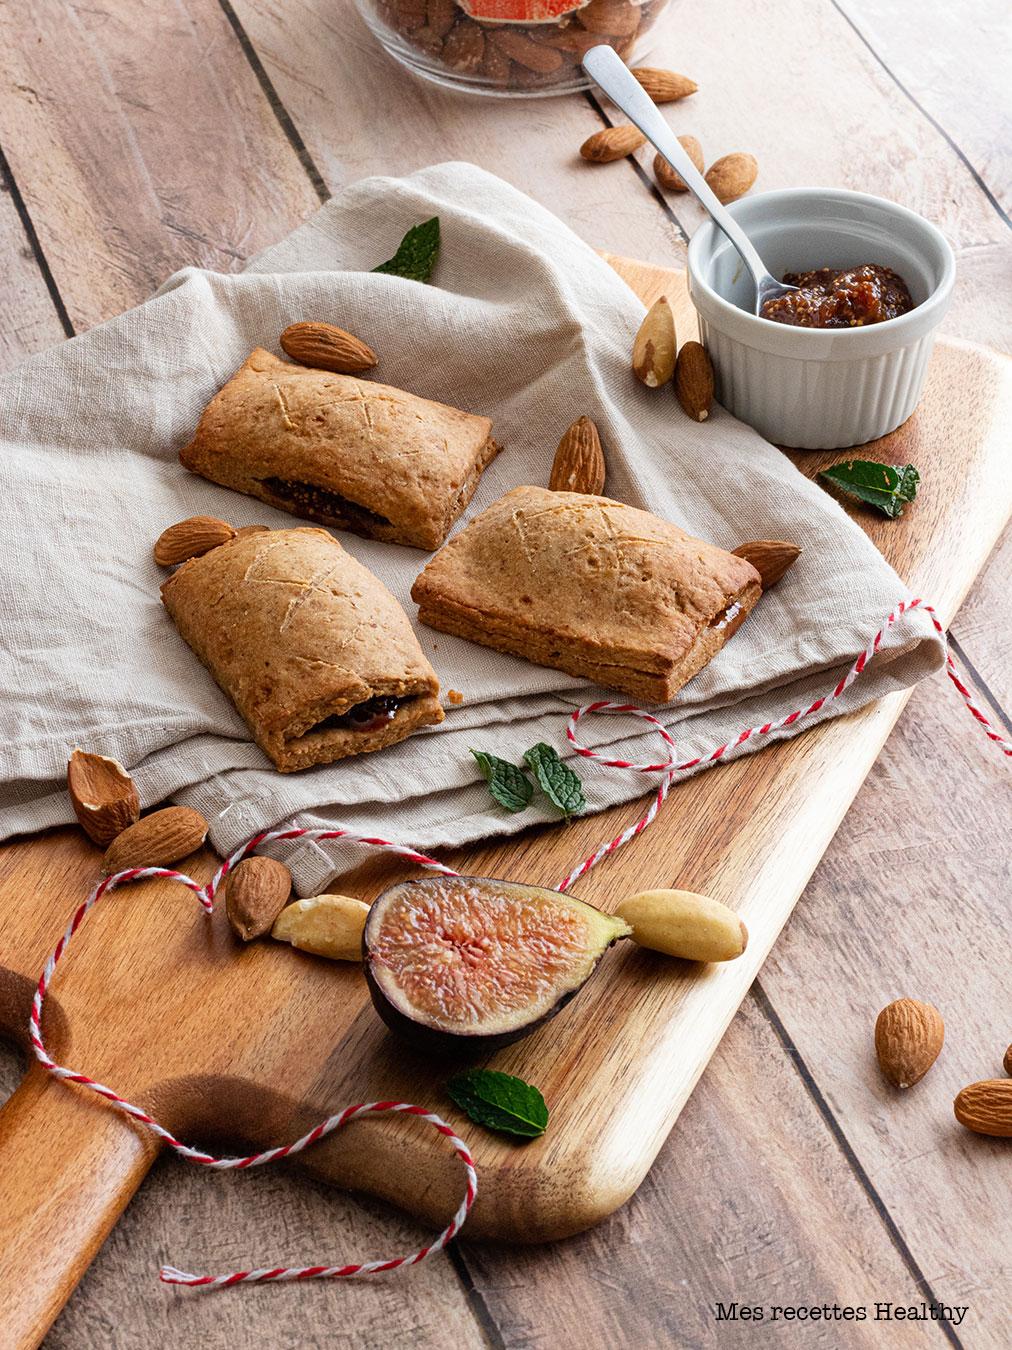 recette healthy-figolus maison-biscuit-sable-figue